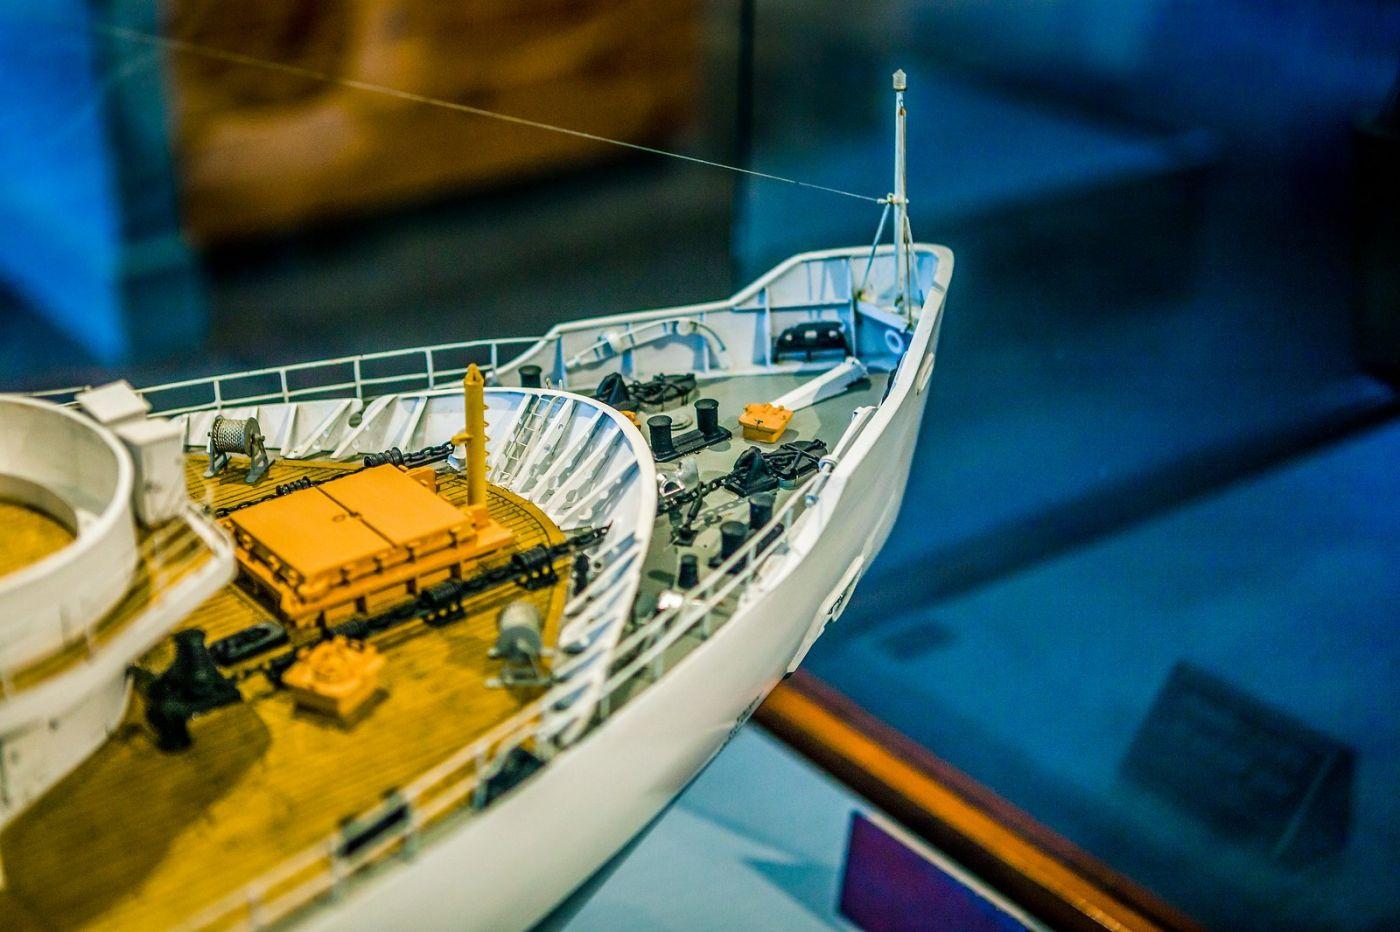 加拿大哈利法克斯(Halifax)大西洋海事博物馆_图1-33